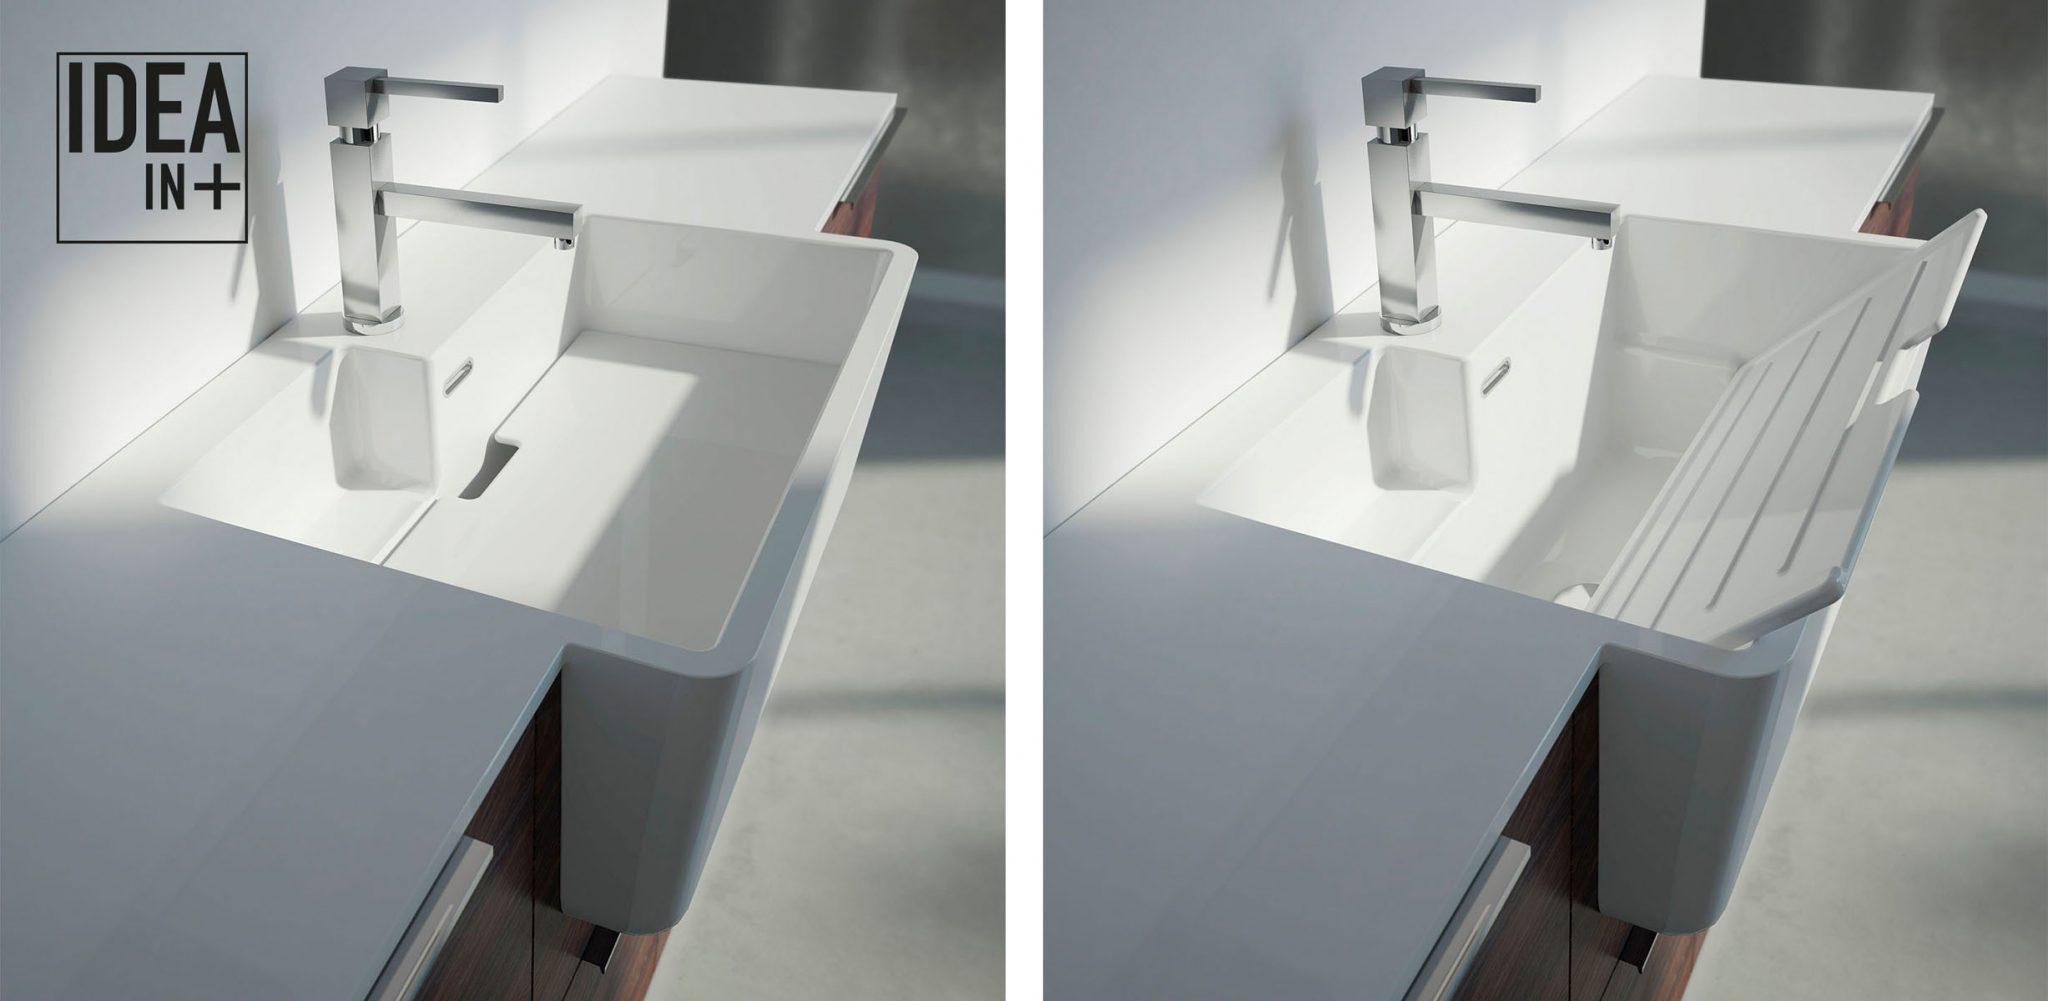 Lavatoio Per Bagno Lavanderia accessori-bagno-lavanderia-ideagroup-13 - ideagroup blog